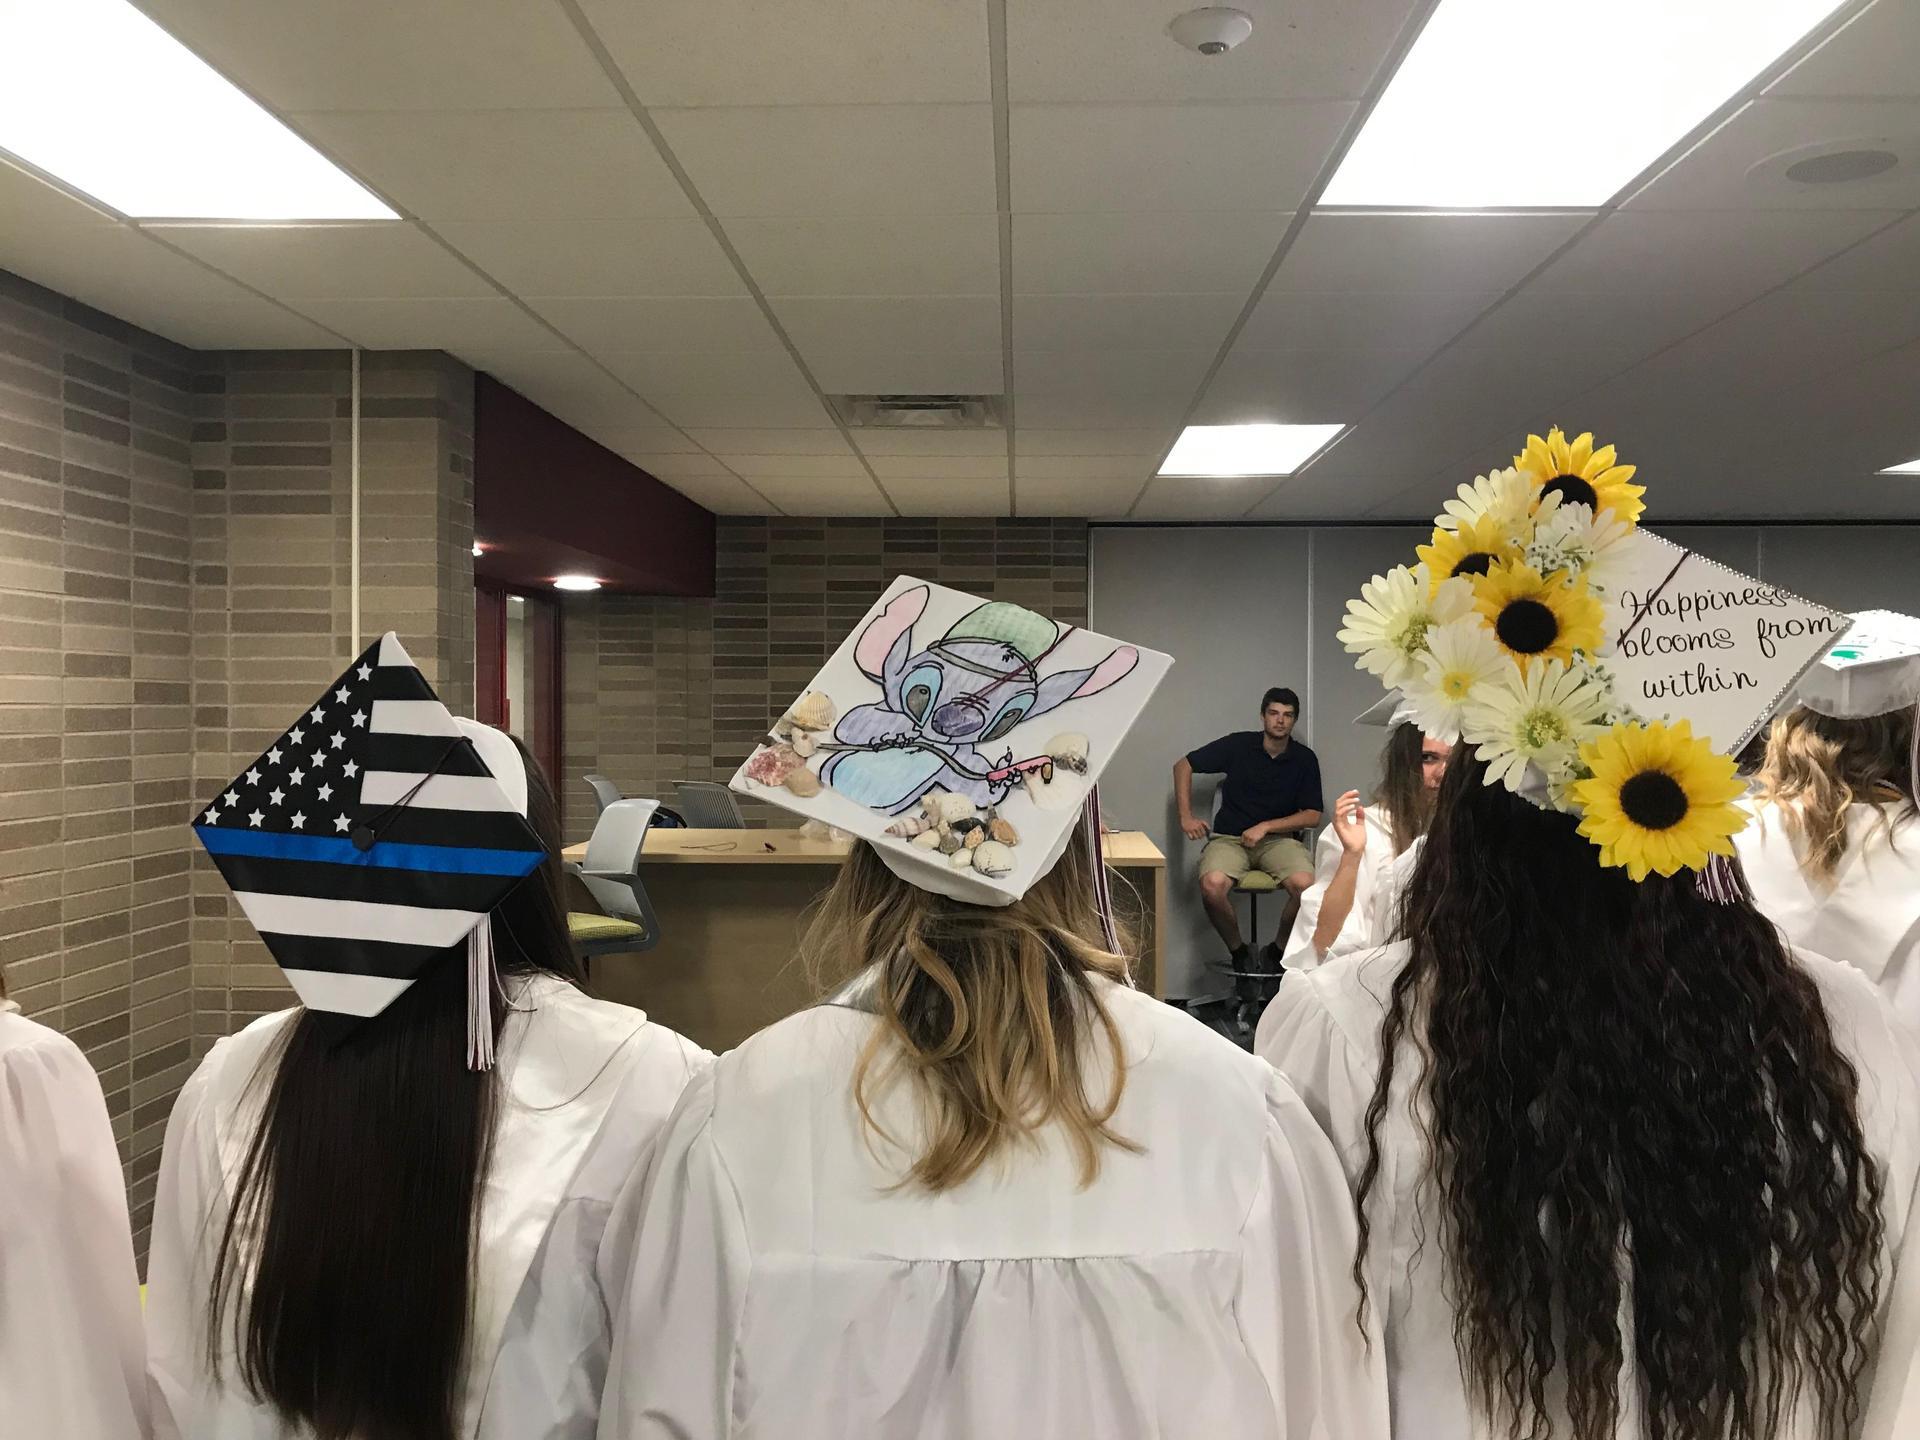 decorated grad caps